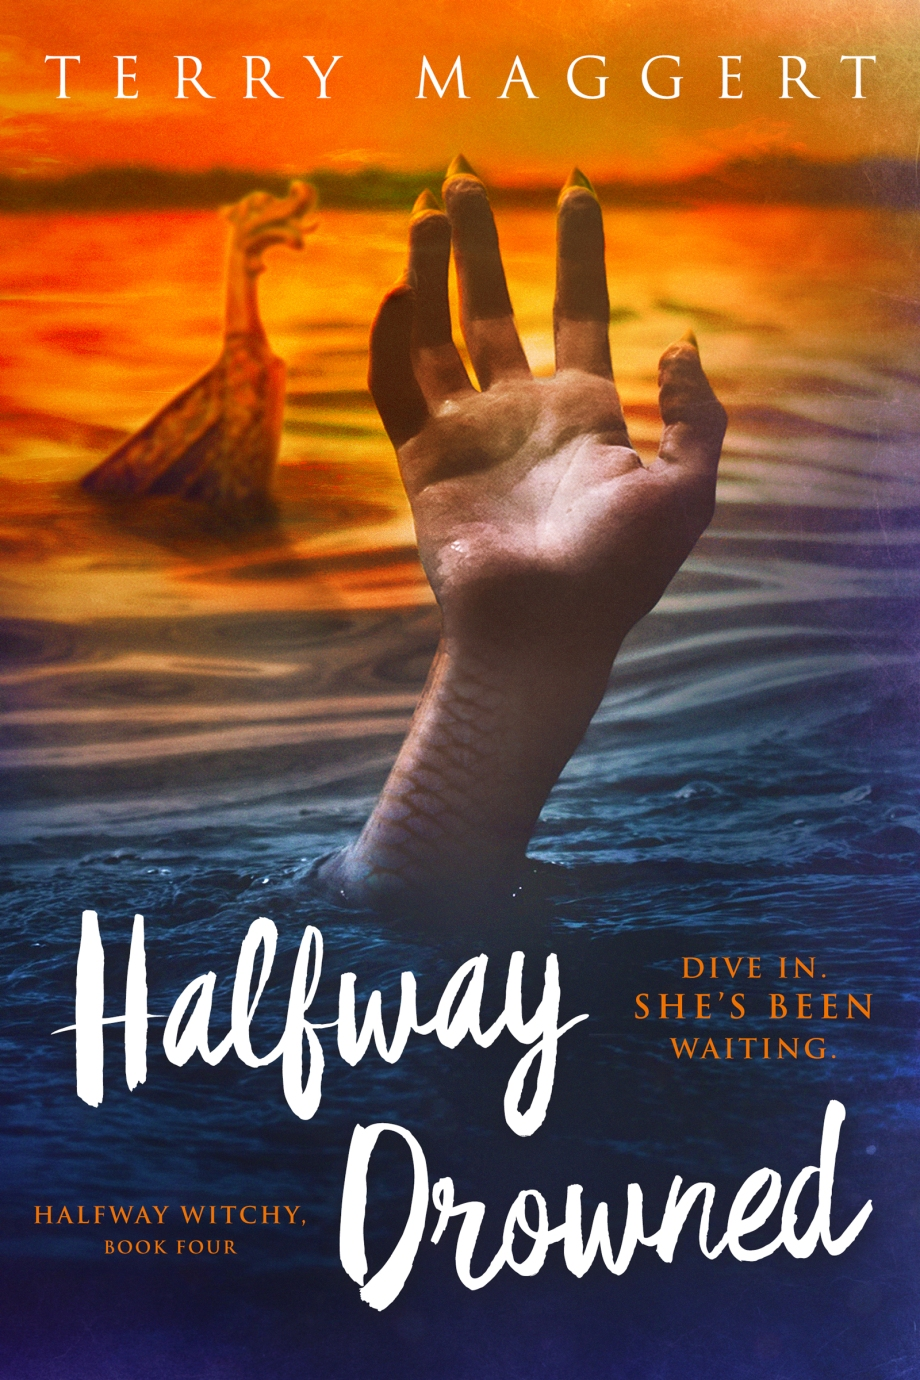 HalfwayDrowned.Ebook-B&N